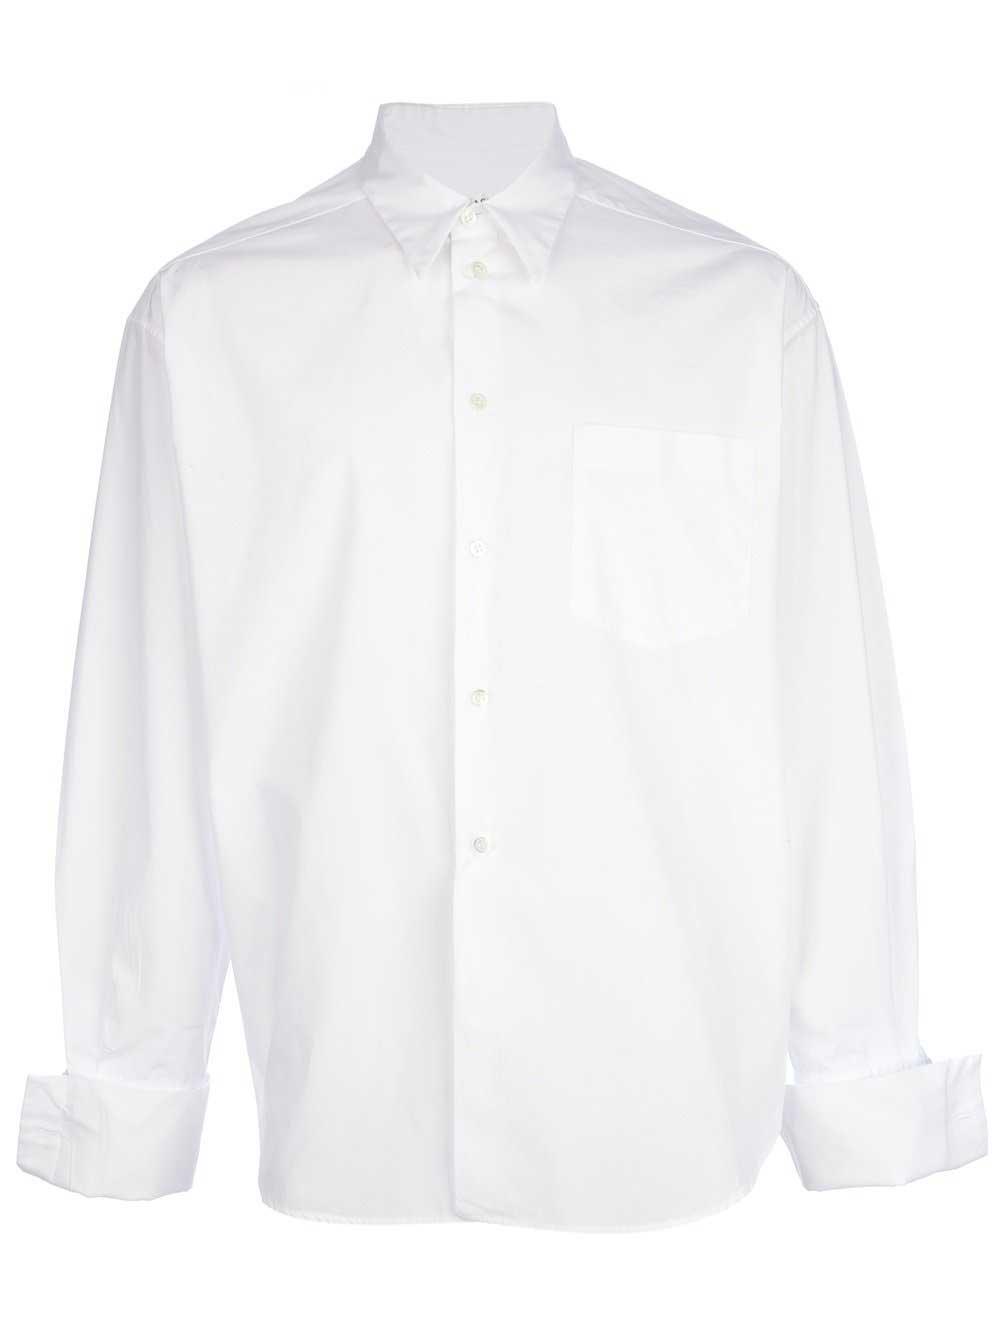 每日穿搭|硝烟与战火中的白衬衫